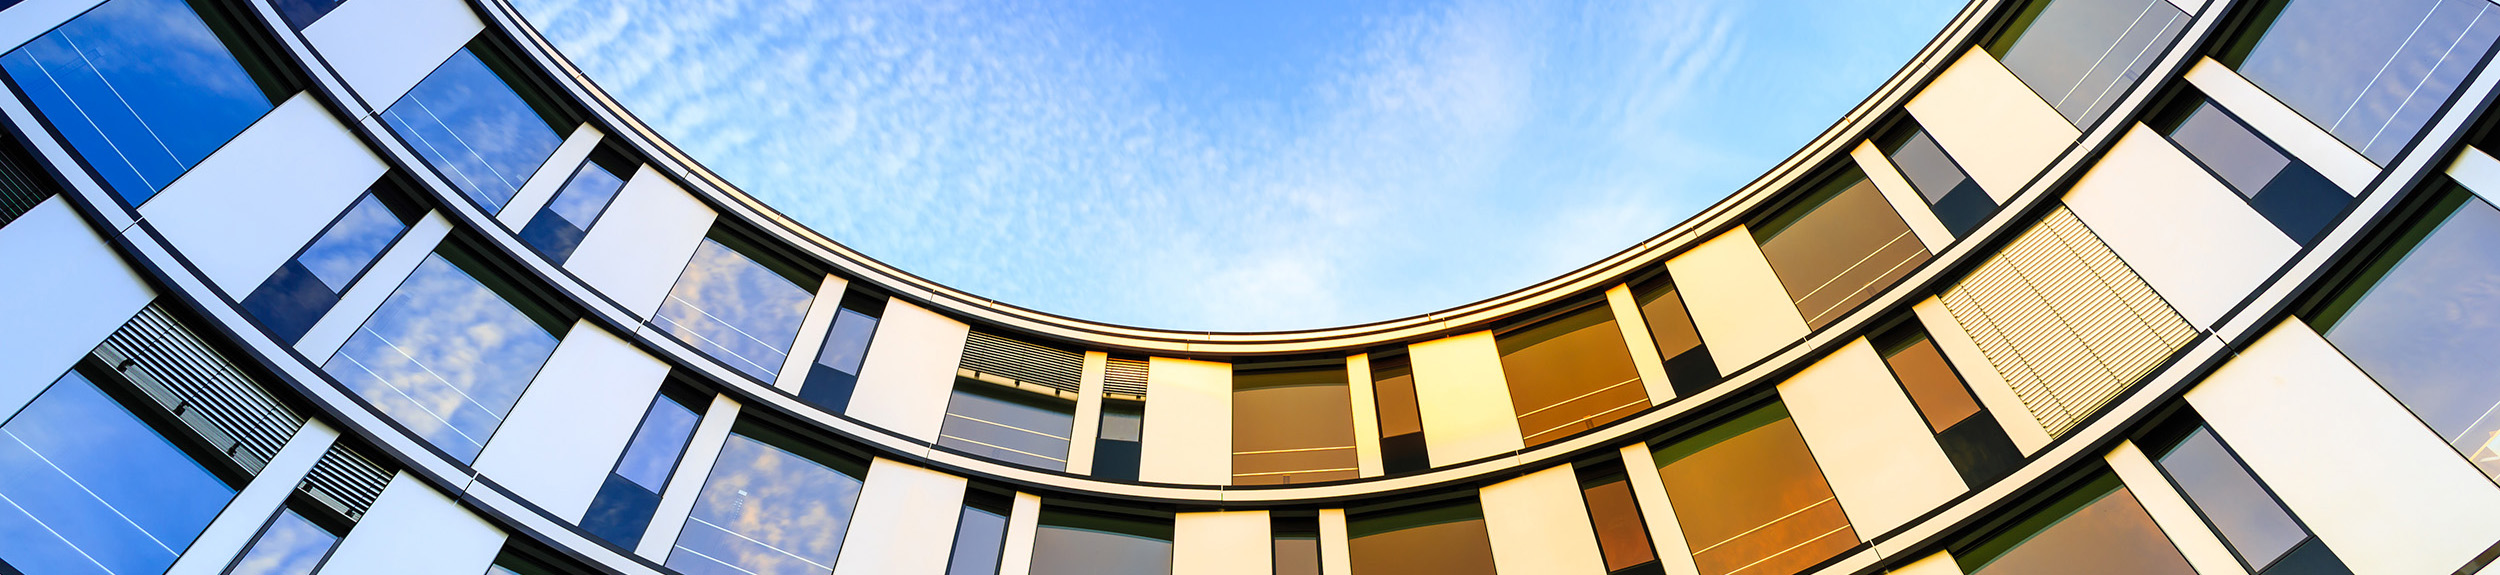 Blick von unten auf die halbrunde Fassade eines modernen Seniorenheims bei Sonnenuntergang.